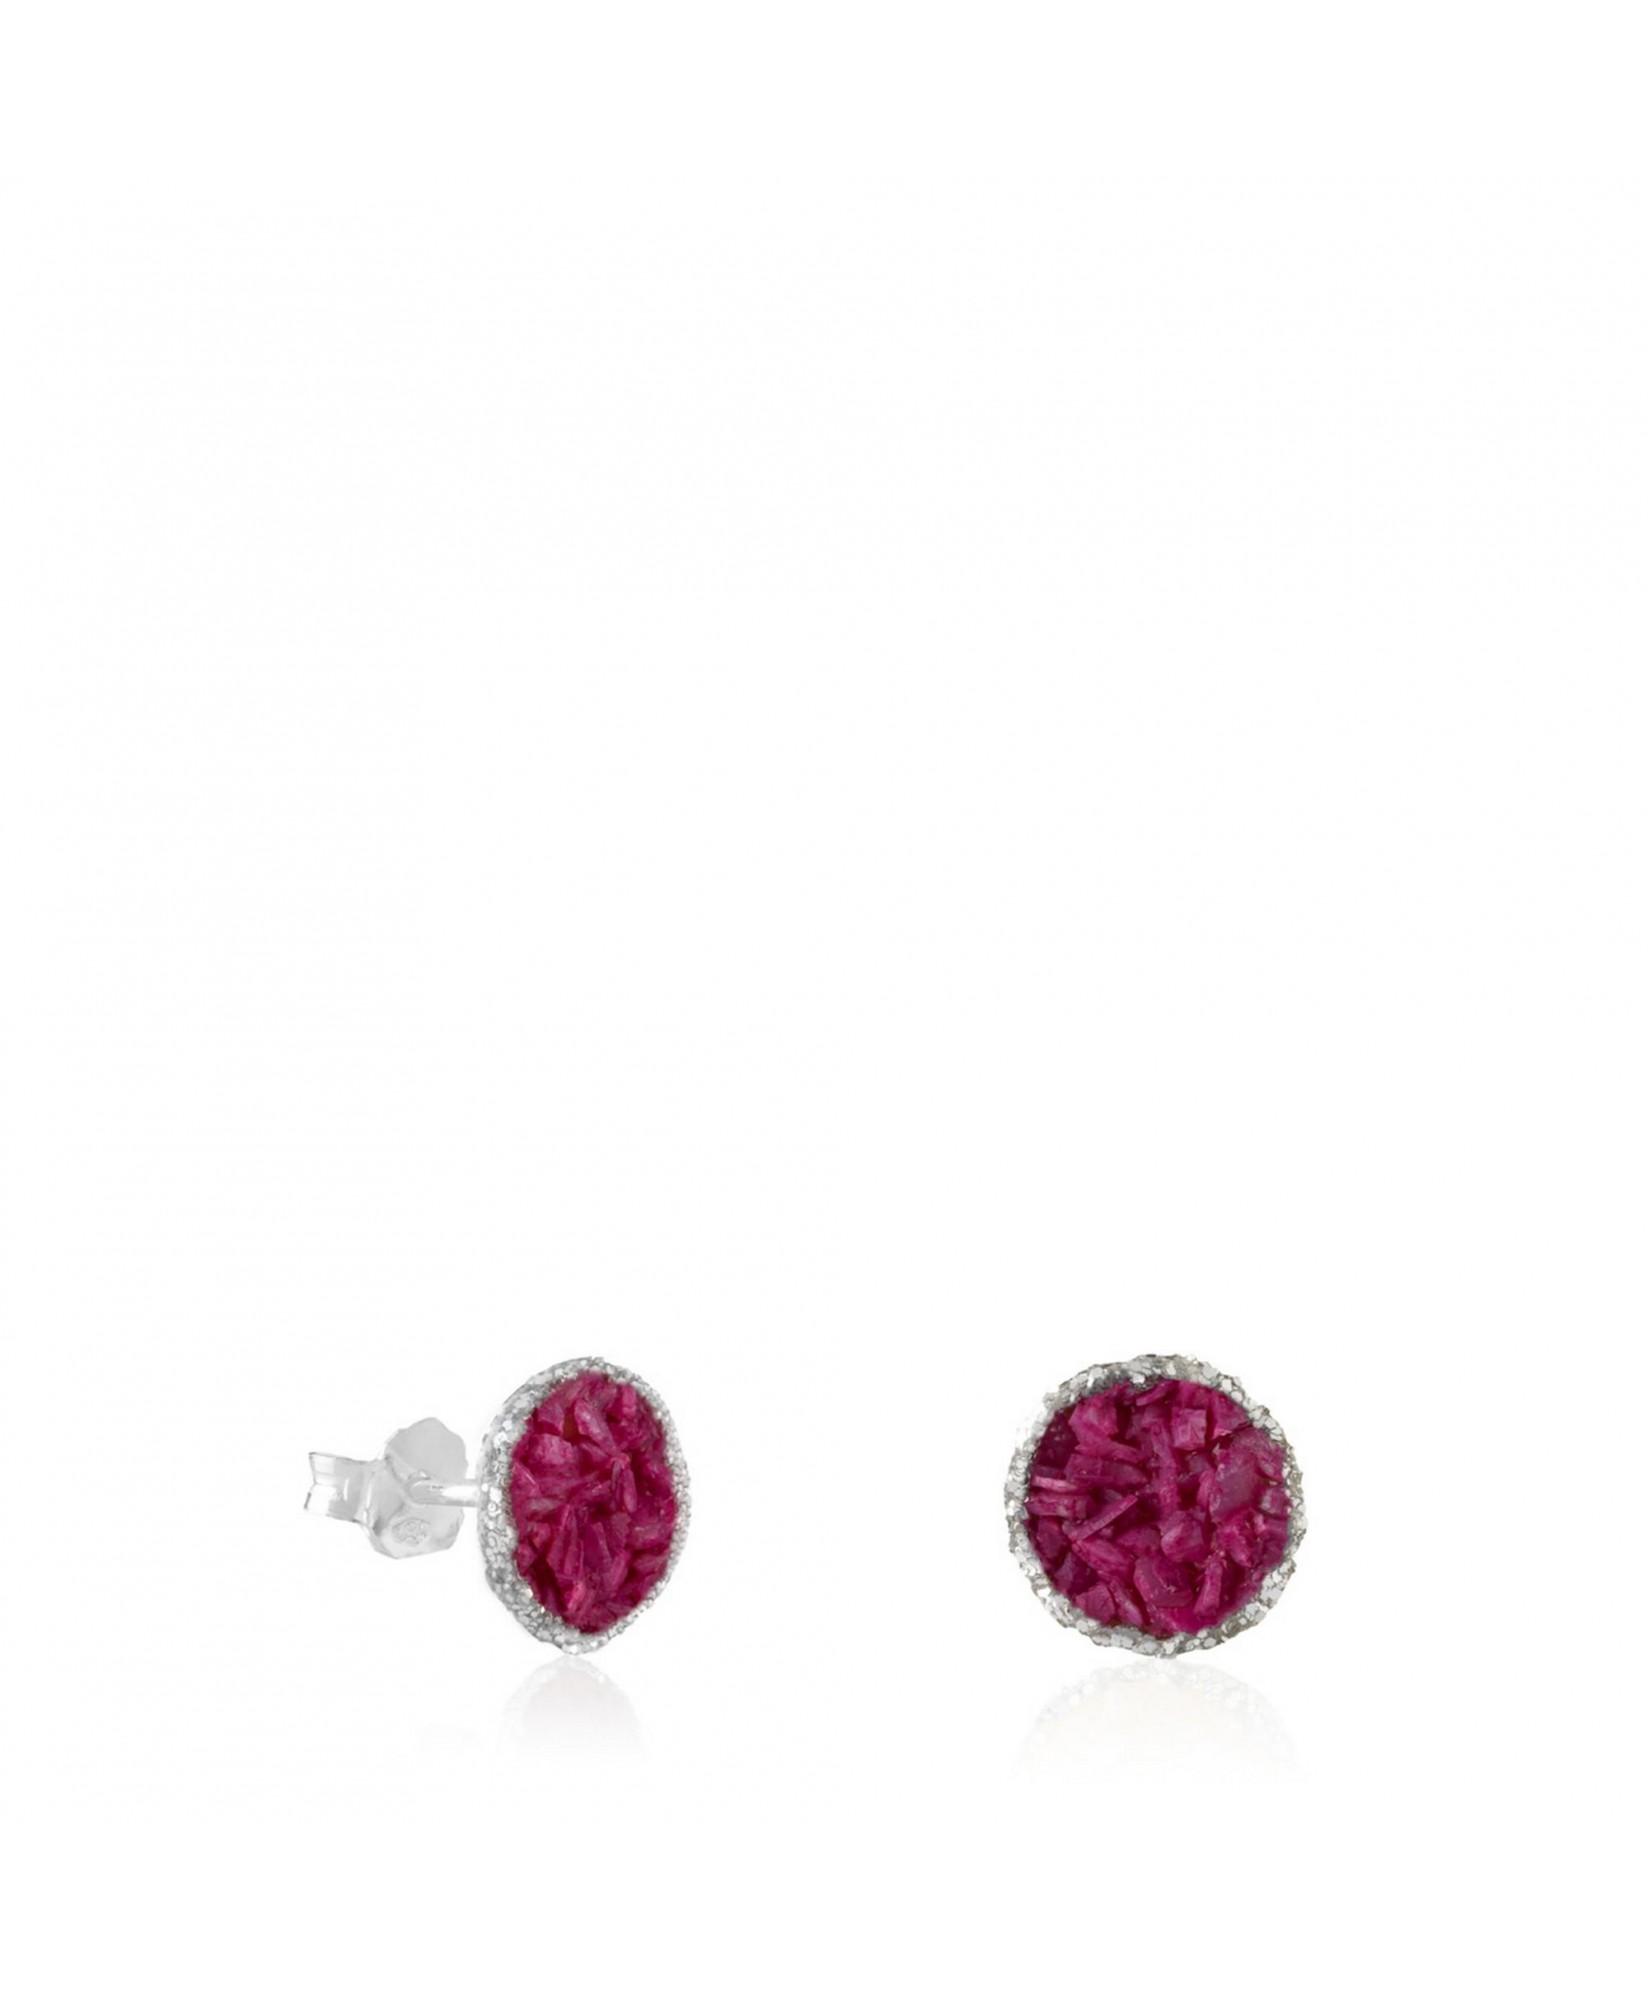 Dormilonas plata medianas Buganvilla con nácar rosa morado Dormilonas plata medianas Buganvilla con nácar rosa morado